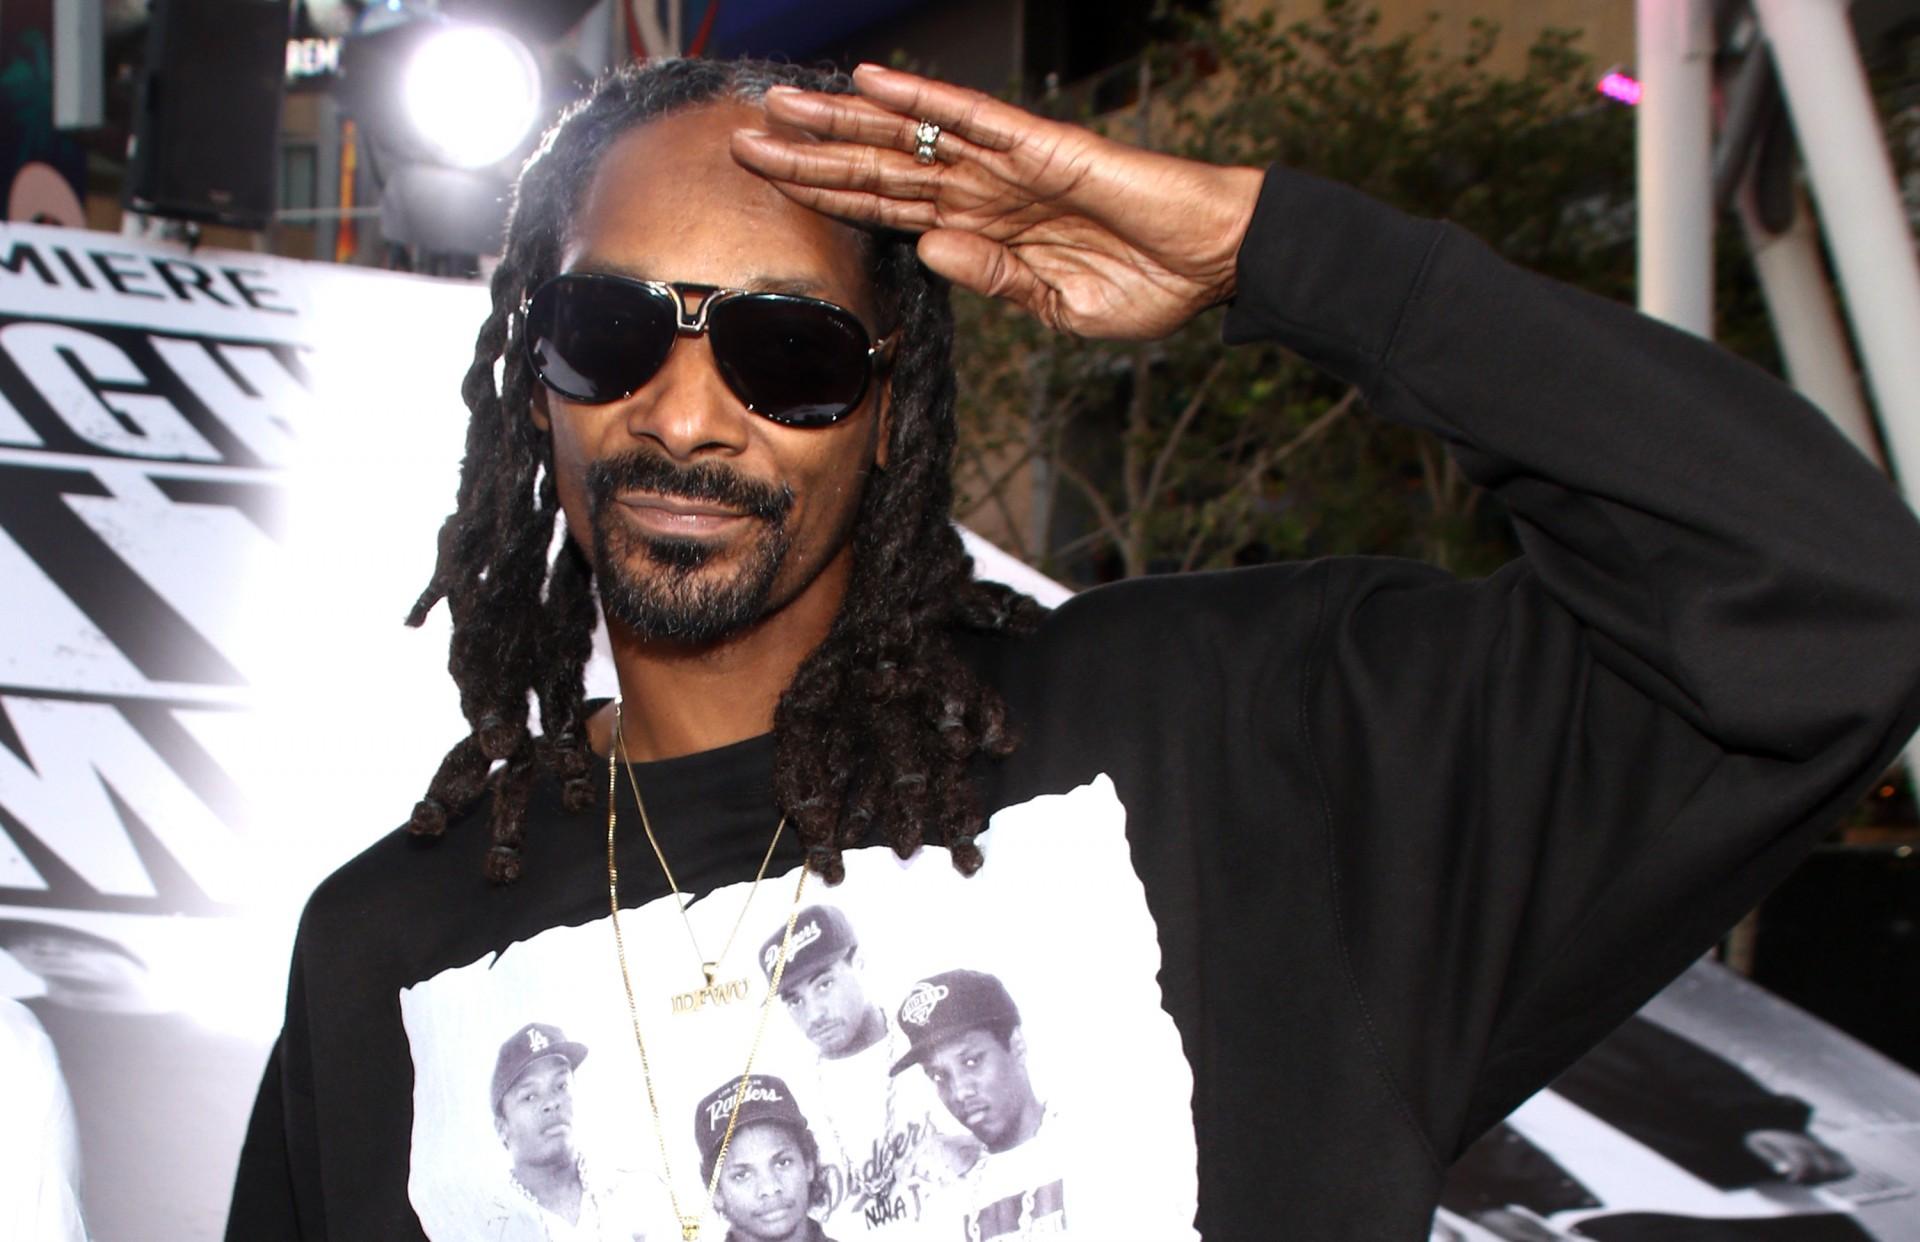 Почти неделю рэпер Snoop Dogg вел стримы в полной тишине он просто забыл